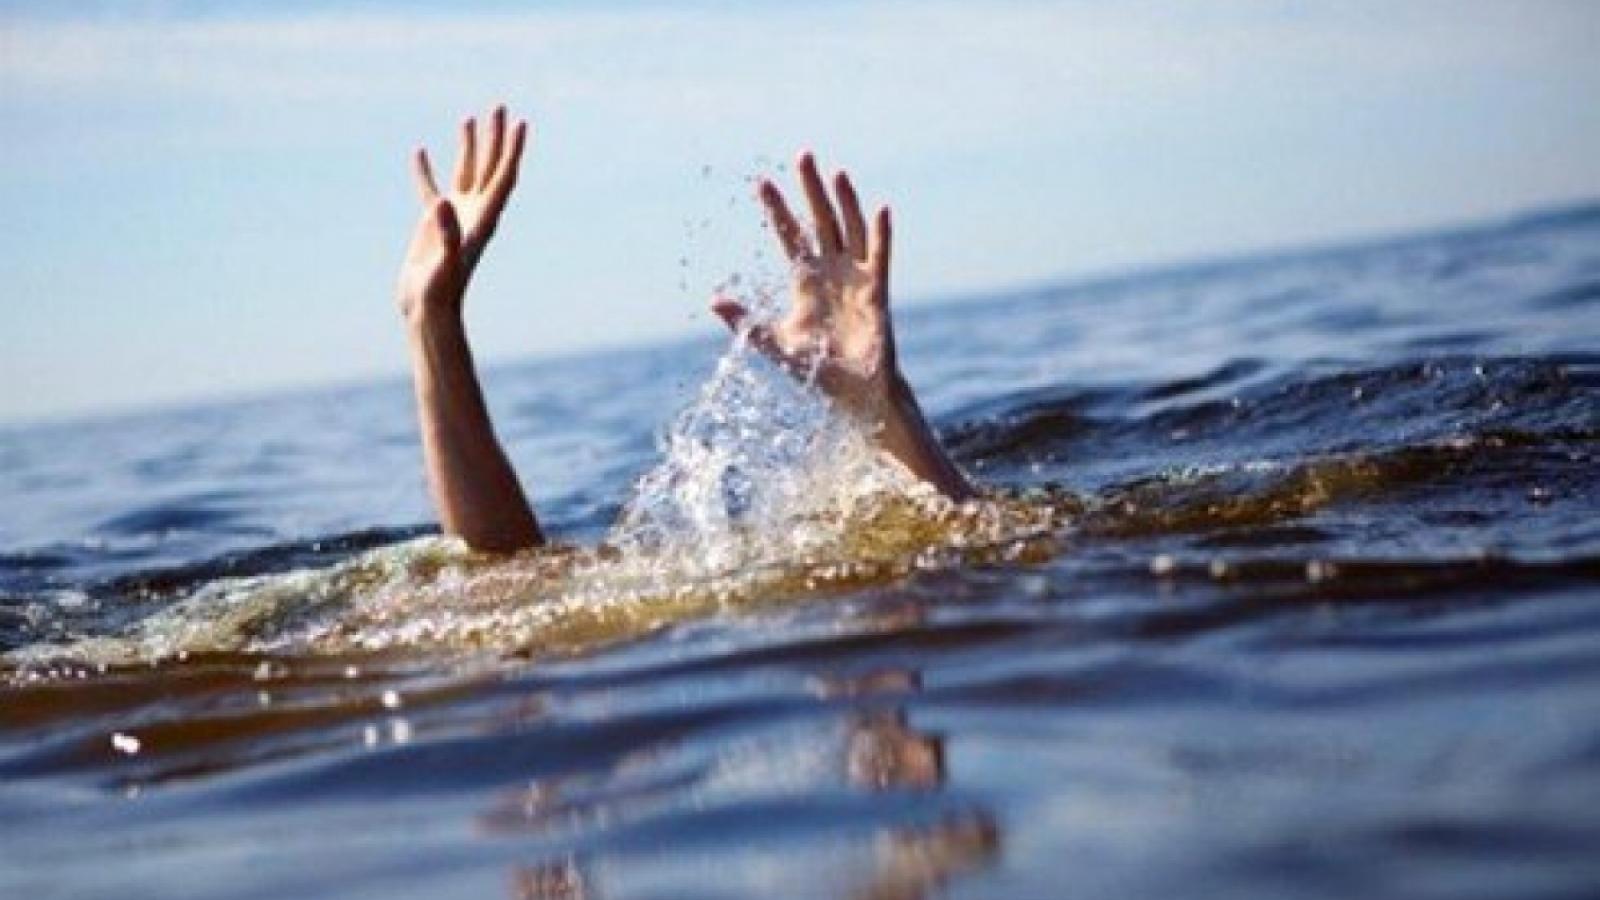 18 học sinh rủ nhau đi tắm biển, 3 em mất tích ở Giao Thủy, Nam Định